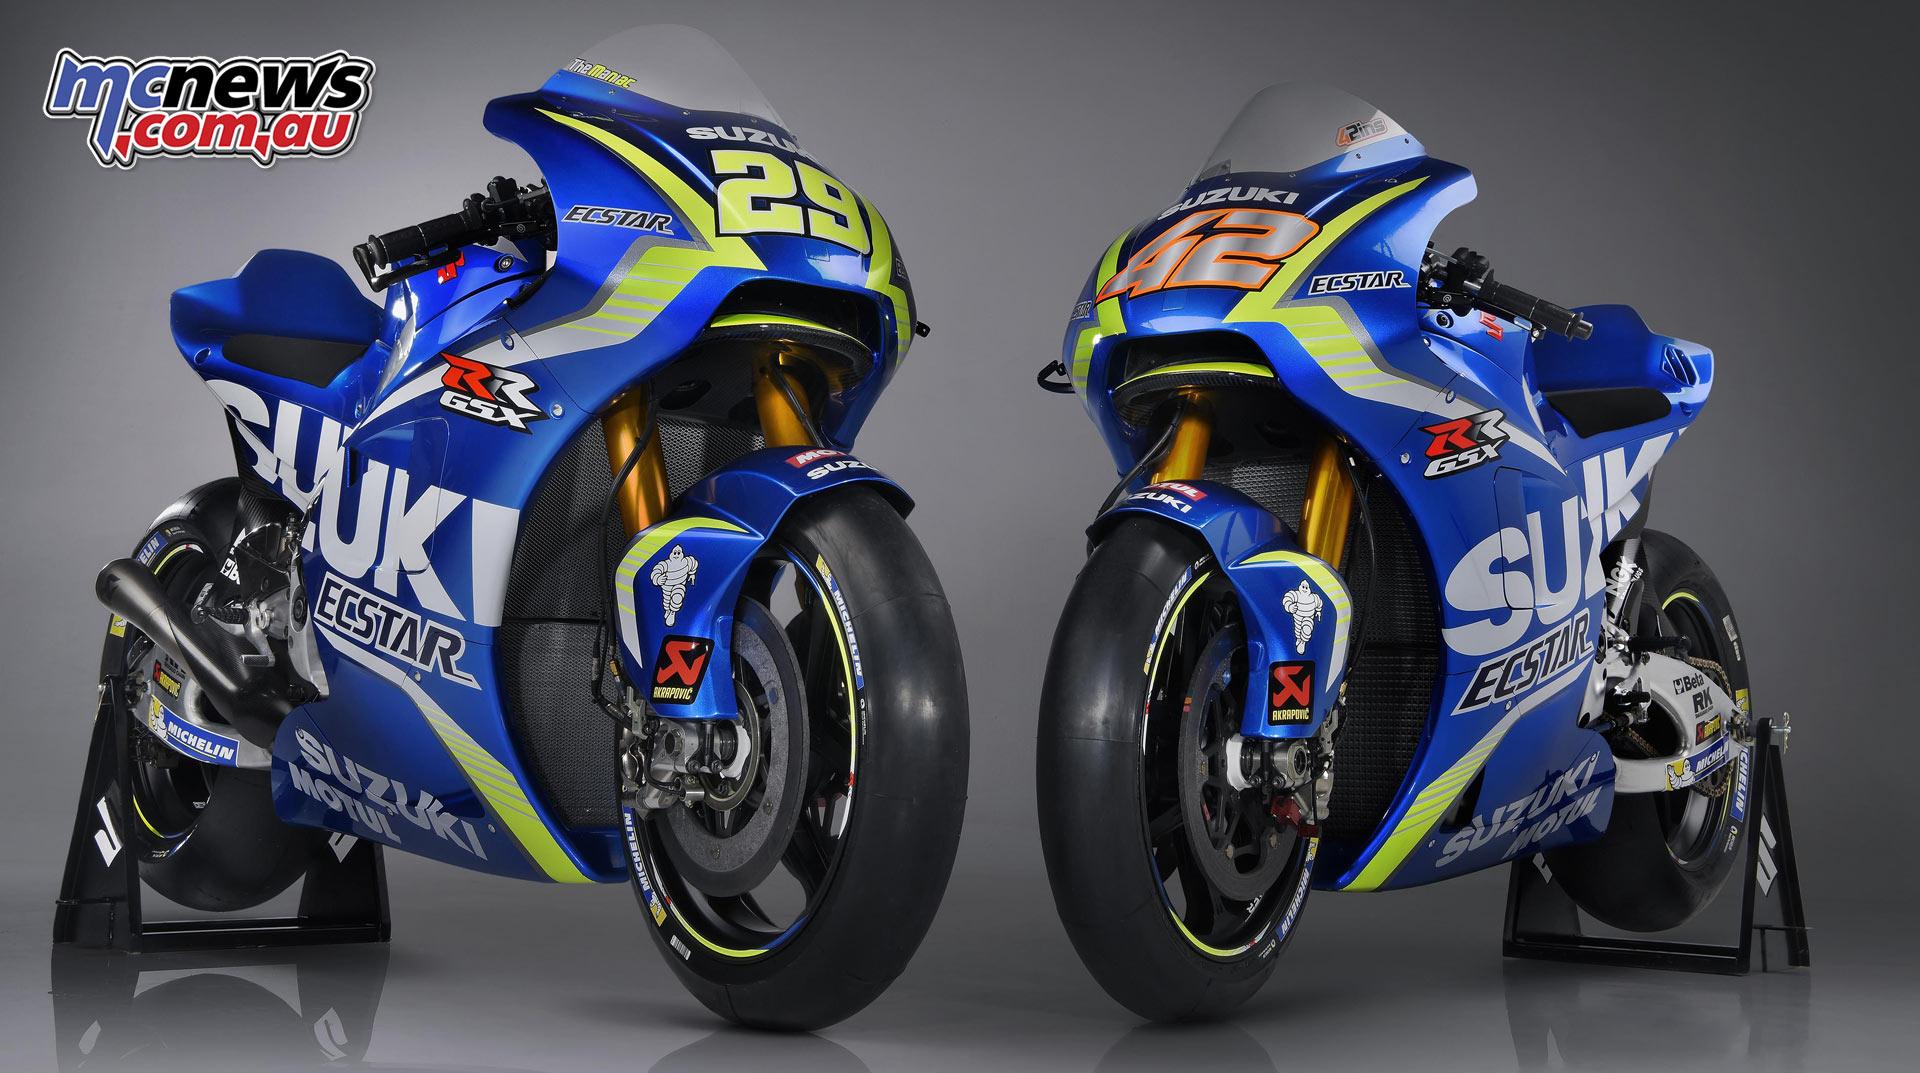 Team Suzuki Ecstar kicks off MotoGP effort   MCNews.com.au